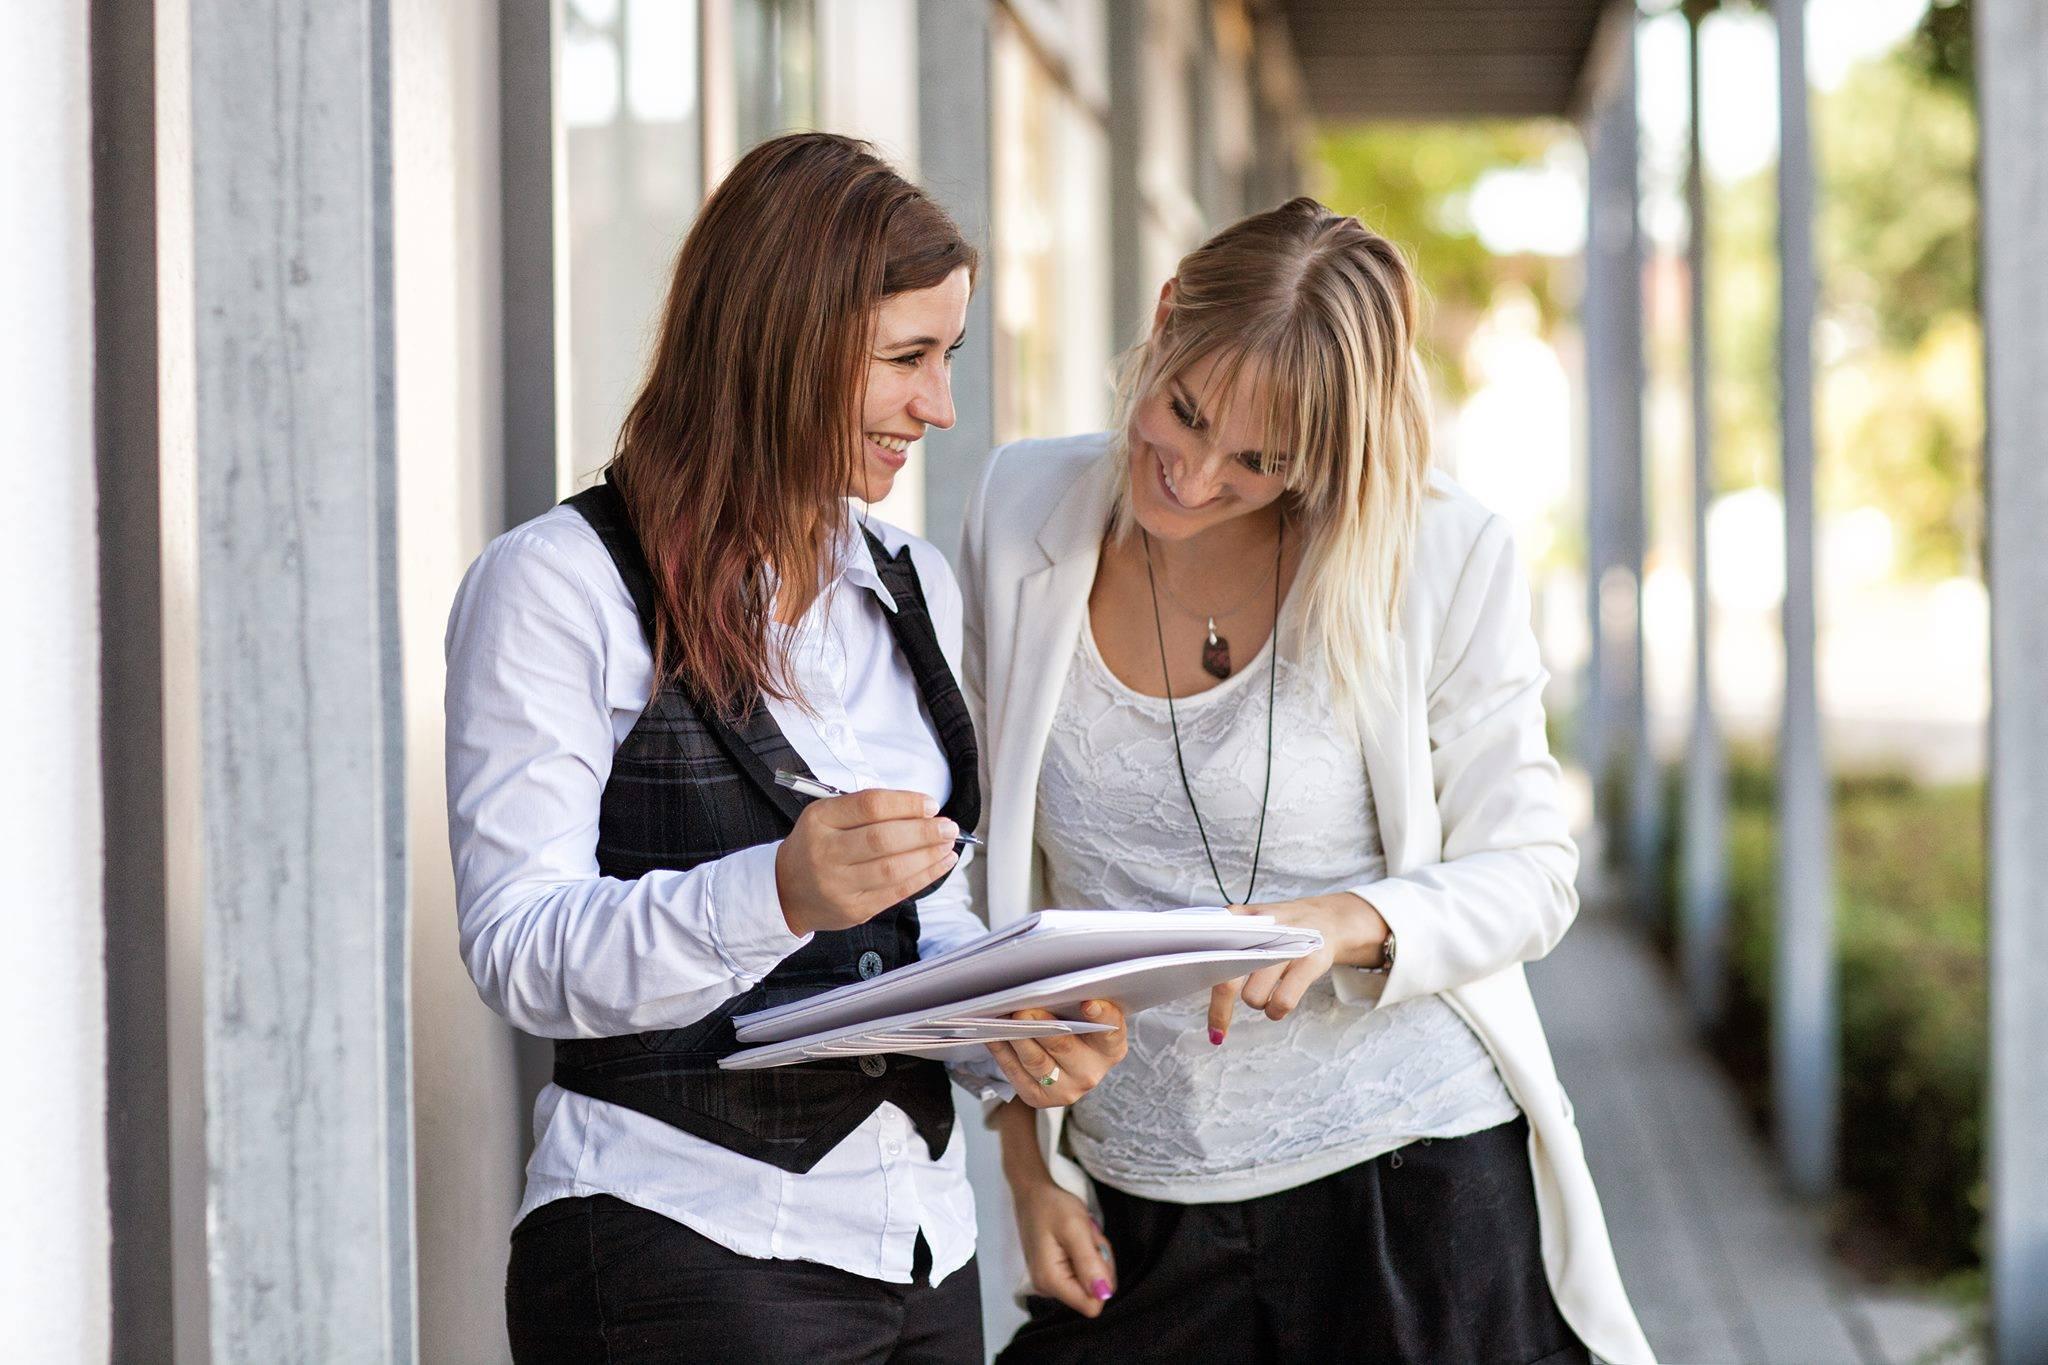 Ingolstadt Life & Business Coach Nicole Pethke